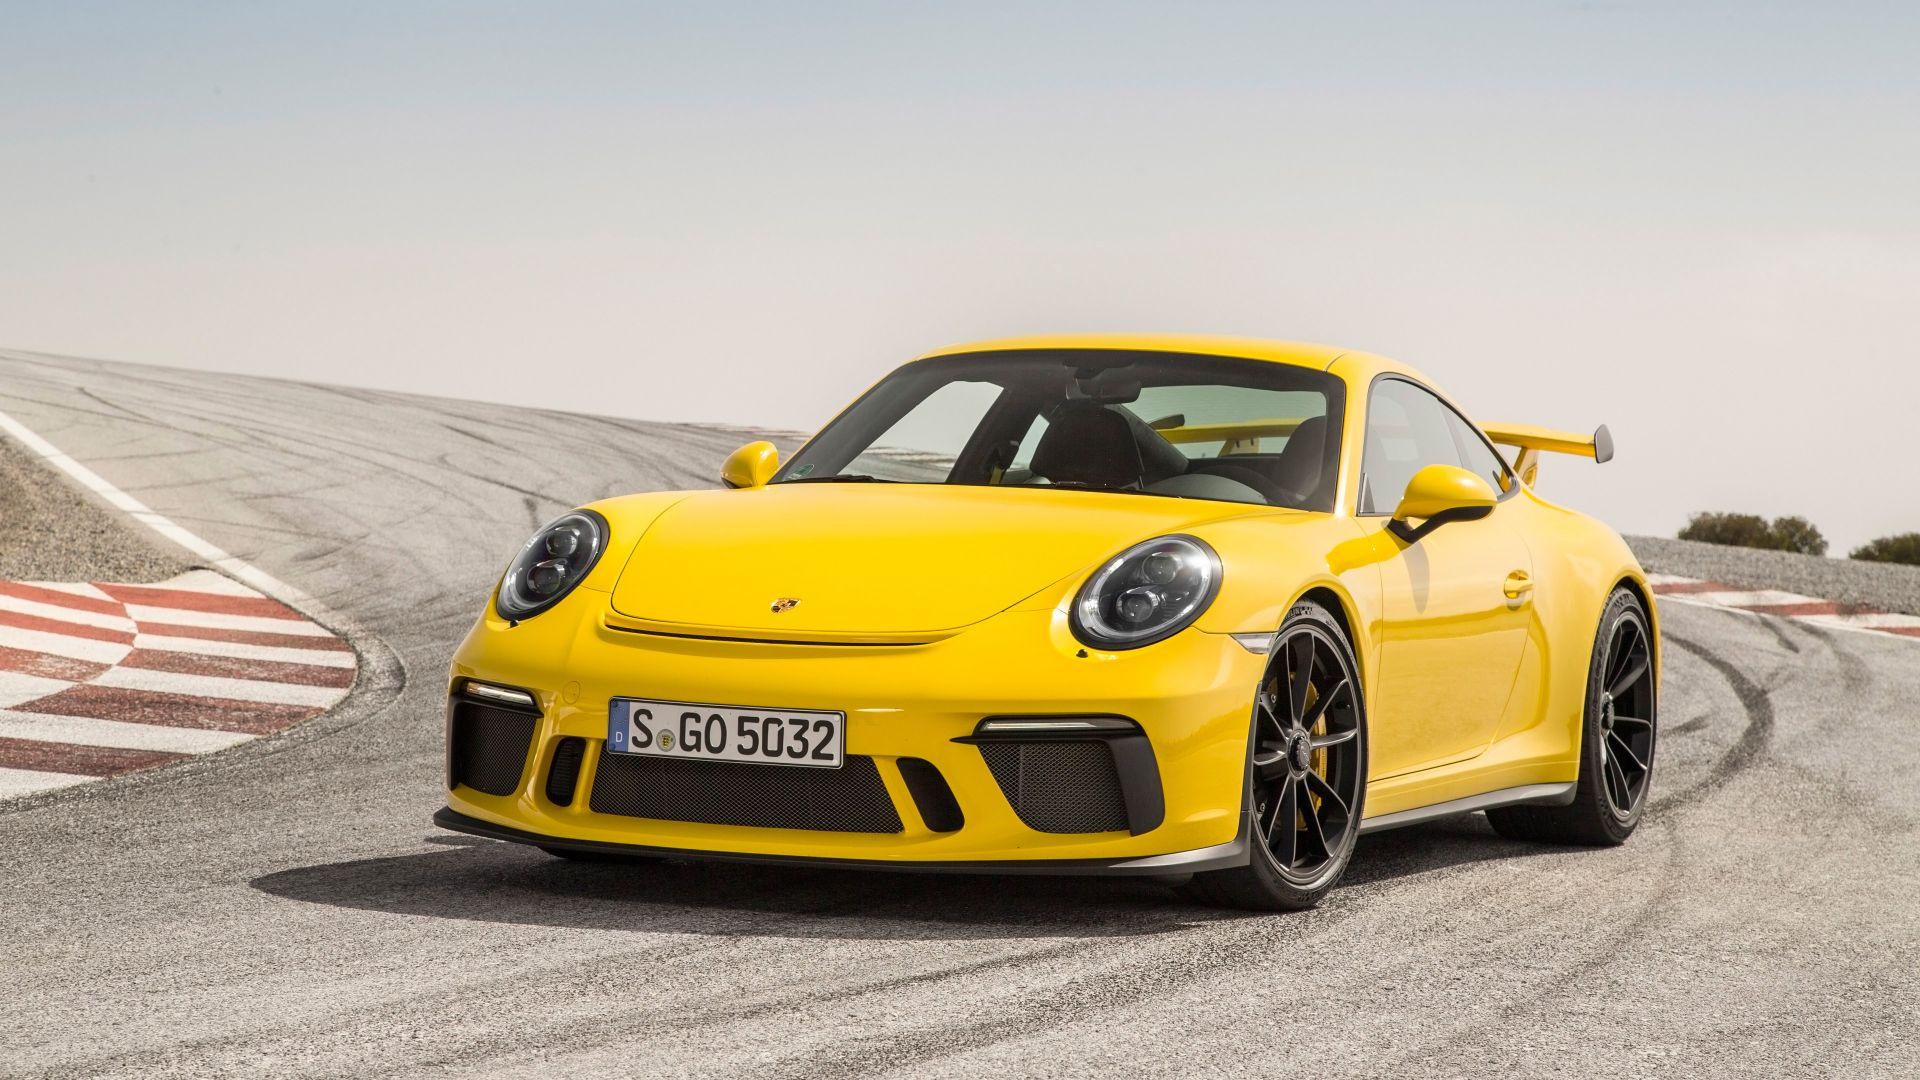 Delightful Porsche 911 GT3, Racing Car, Yellow, 2018, 4k Amazing Pictures